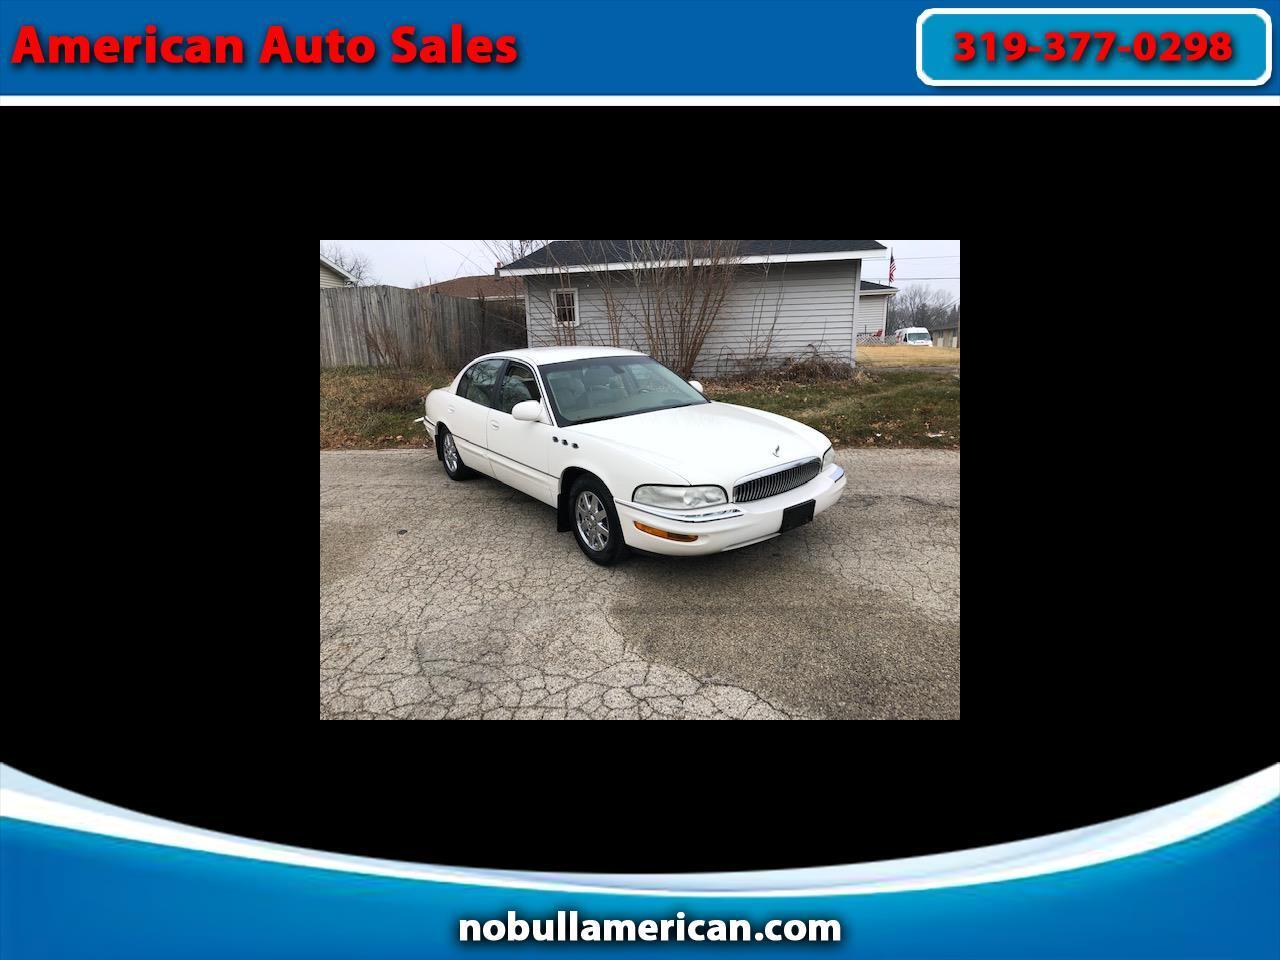 2005 Buick Park Avenue Sedan